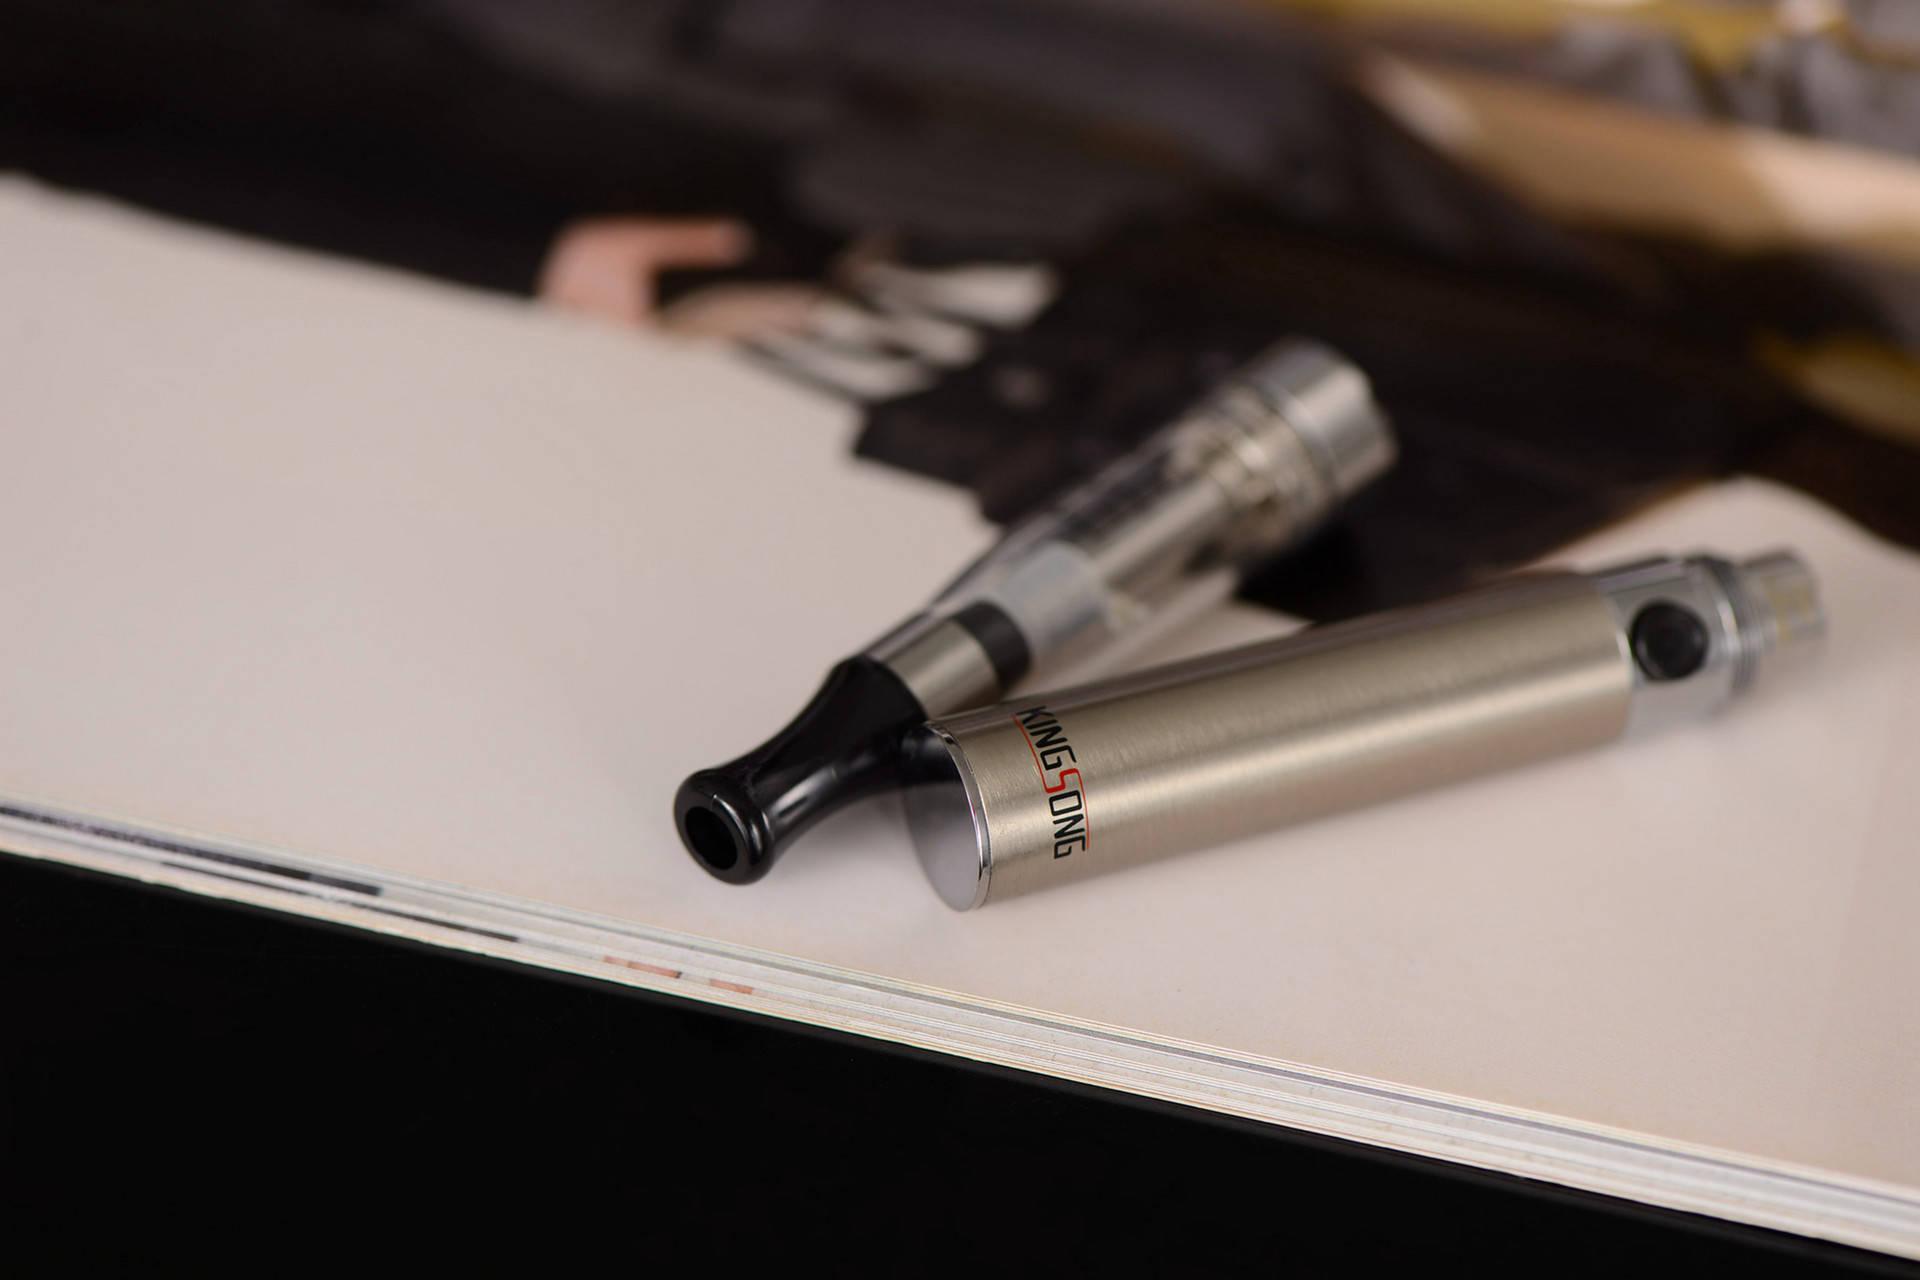 电子烟巨头思摩尔开盘大涨超123%,市值1600亿